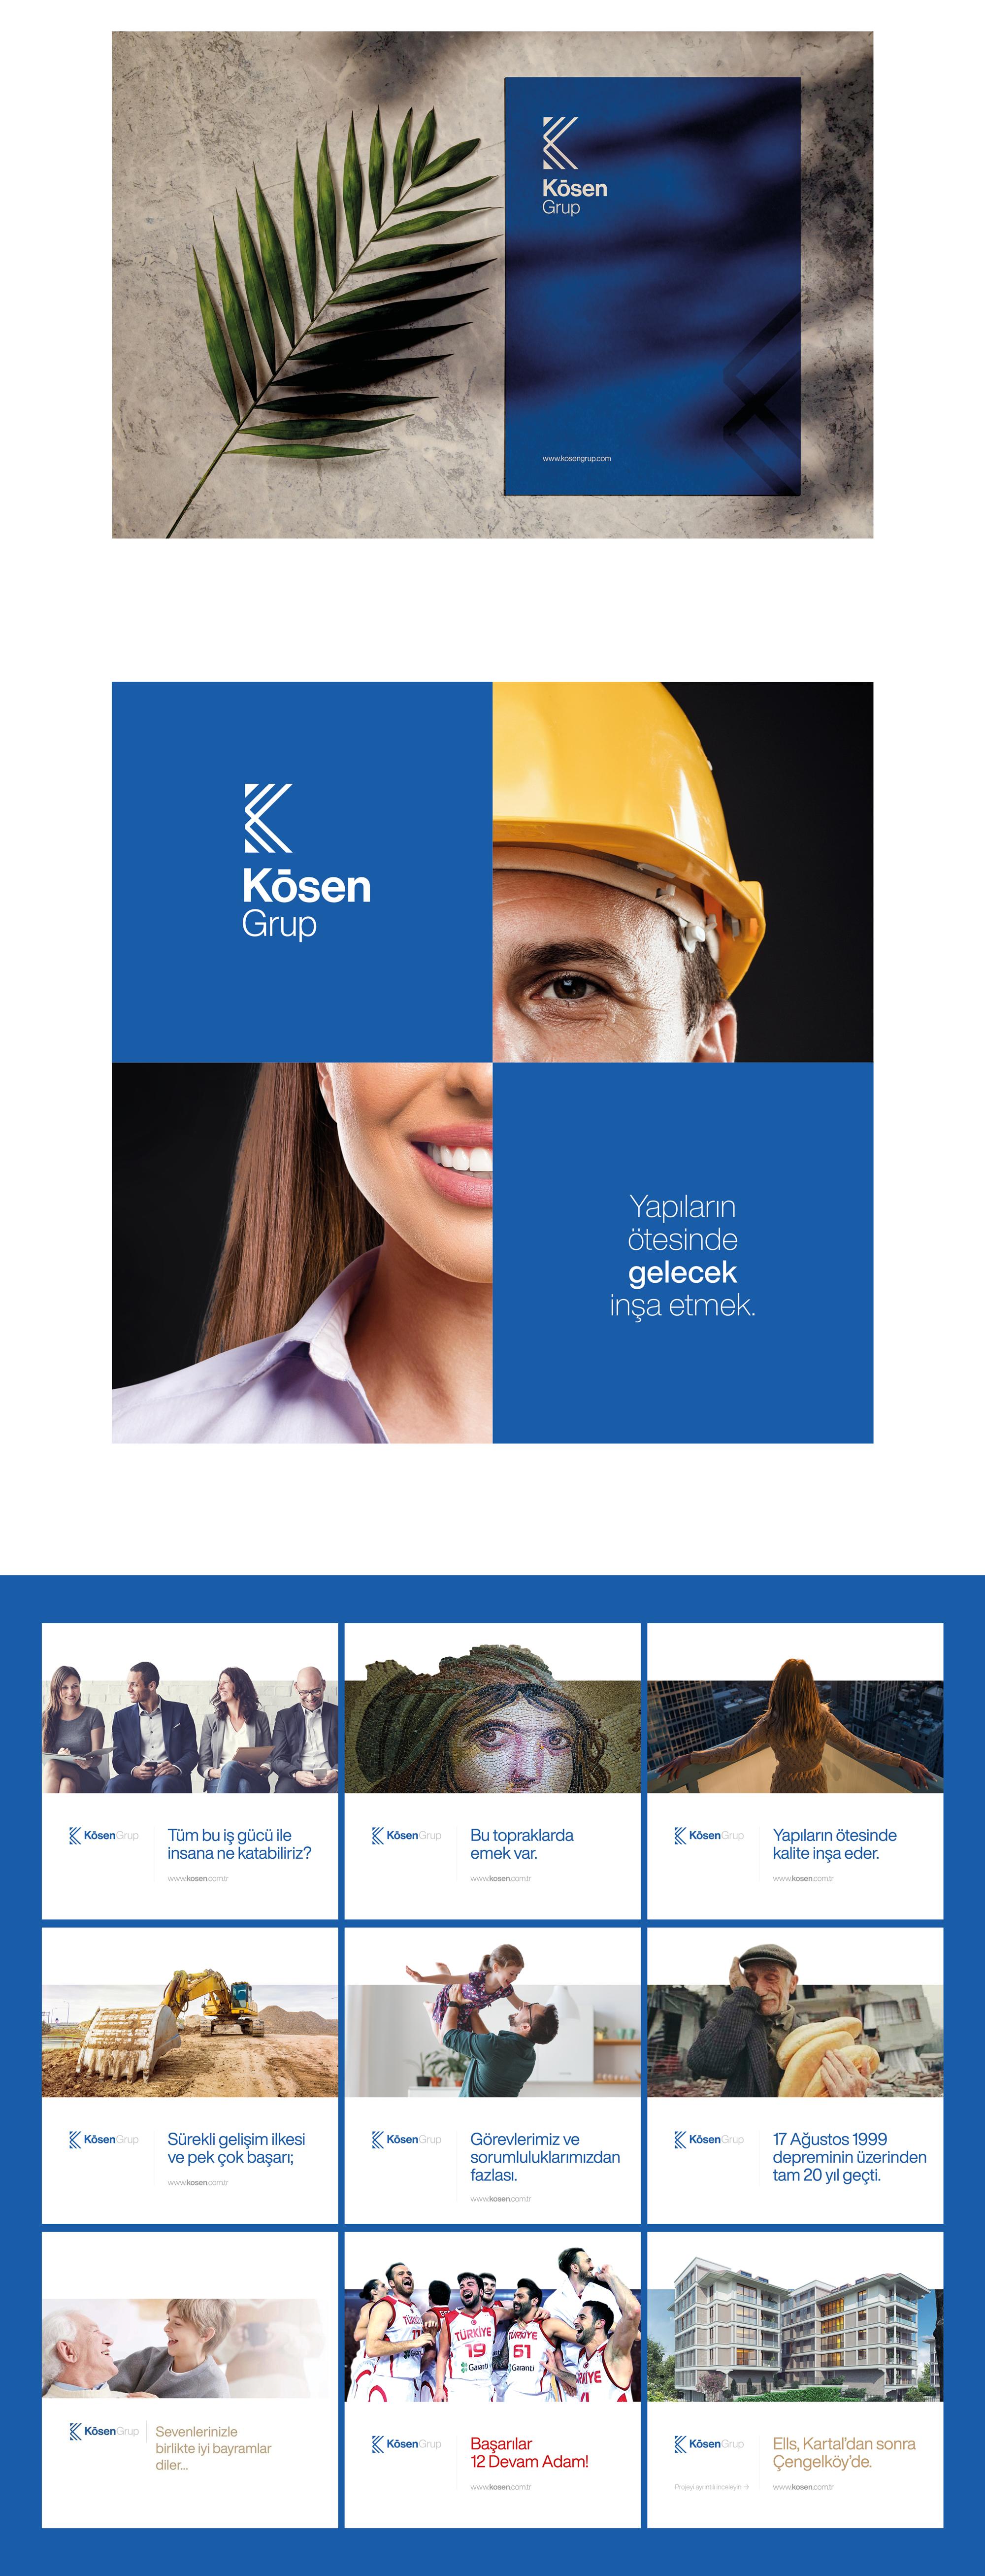 Ankara kurumsal kimlik tasarımı  Kösen Grup